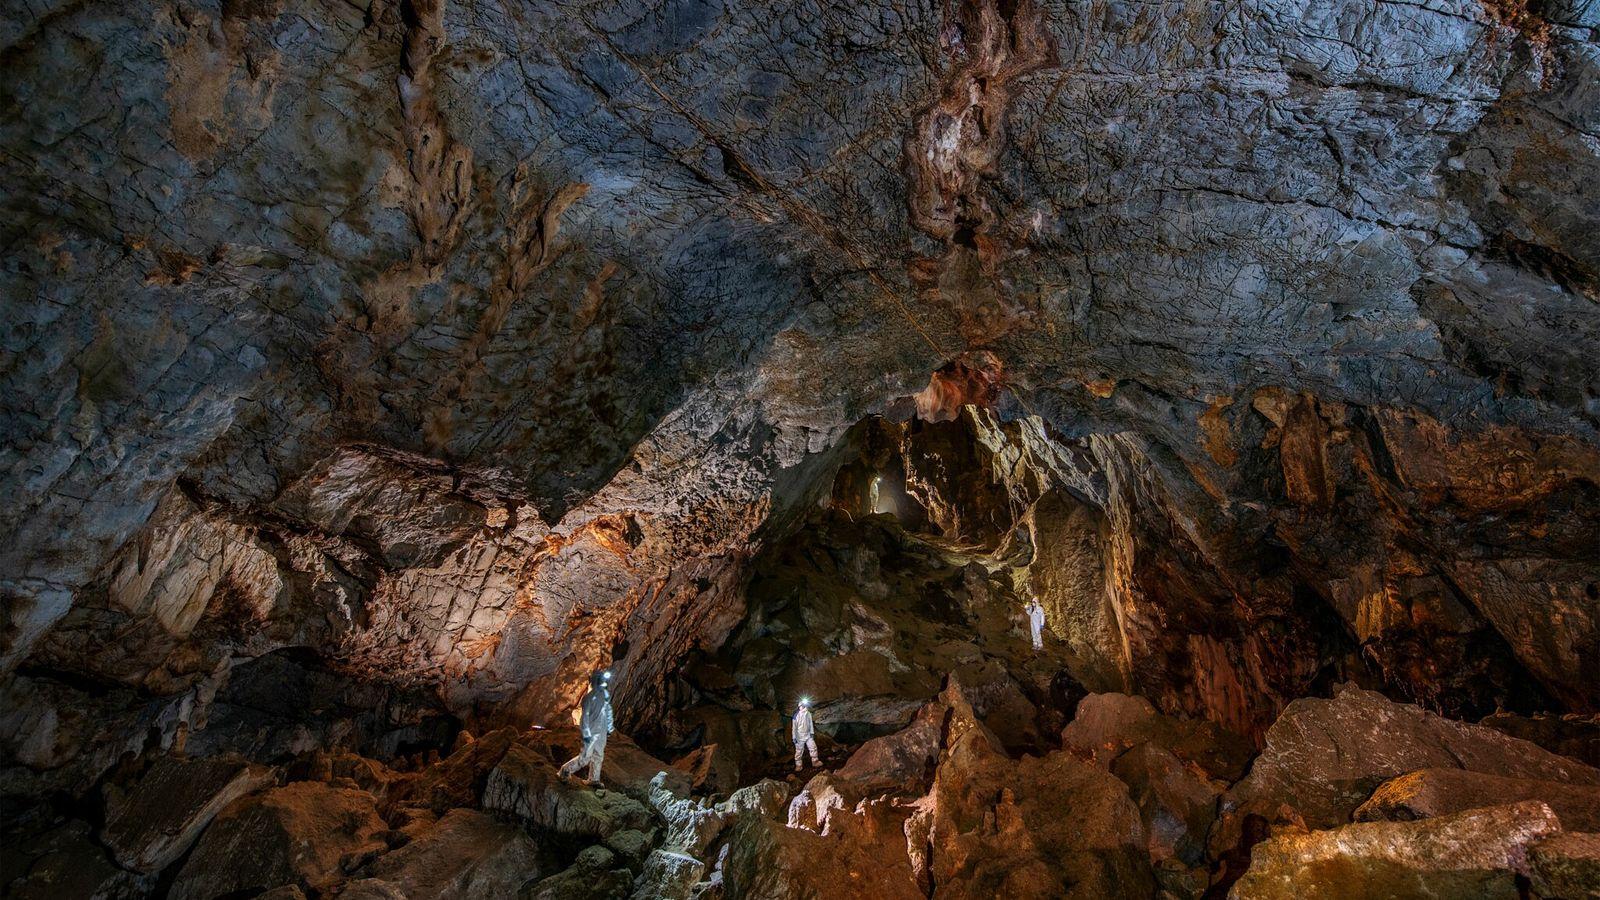 Na Caverna Chiquihuite, os investigadores usam equipamentos de proteção para evitar a contaminação com ADN moderno ...